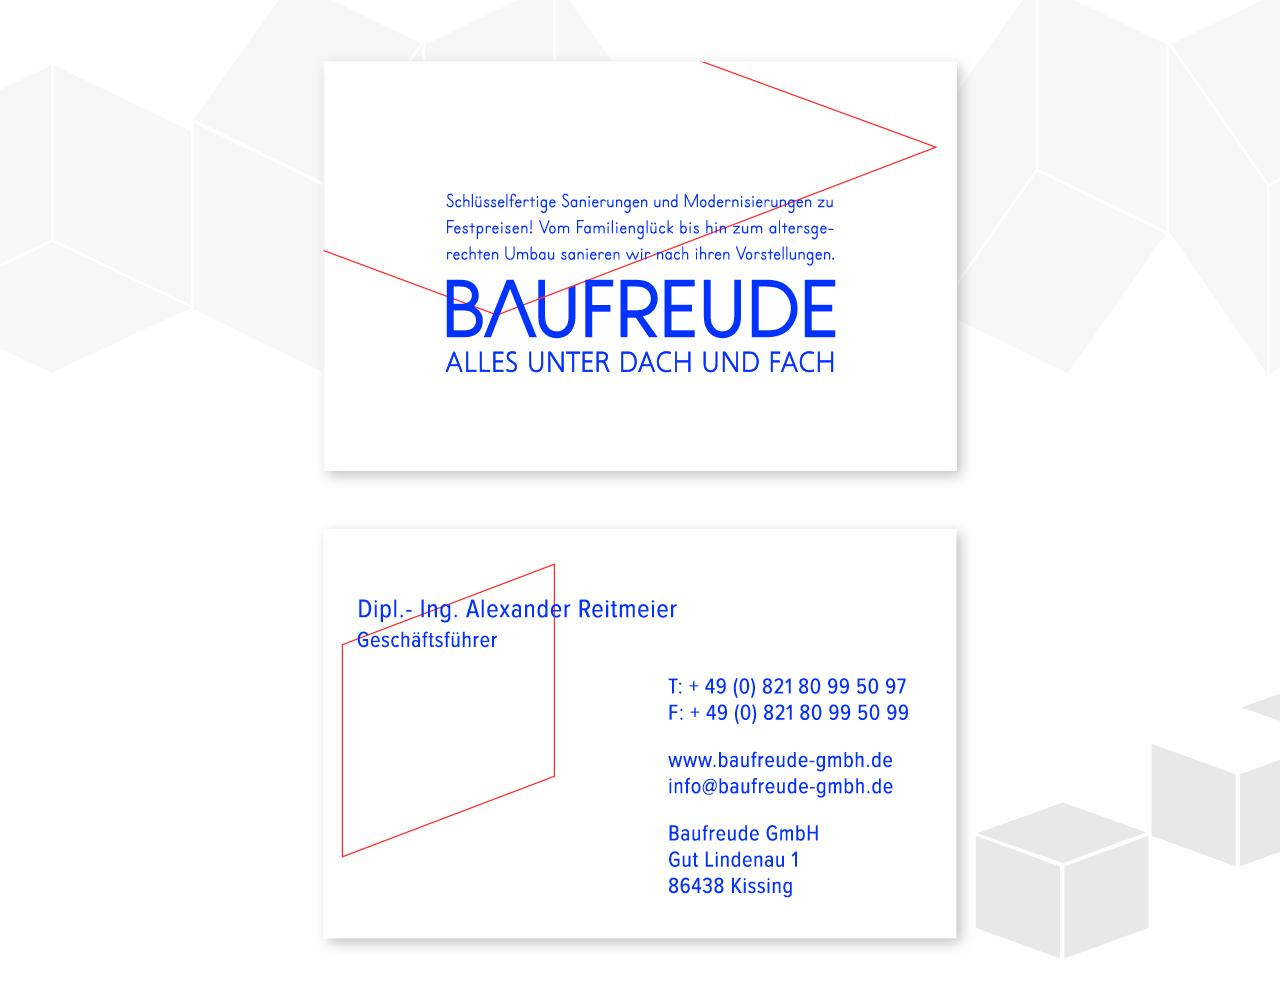 Baufreude_VK-rot_Caroline-Rismont